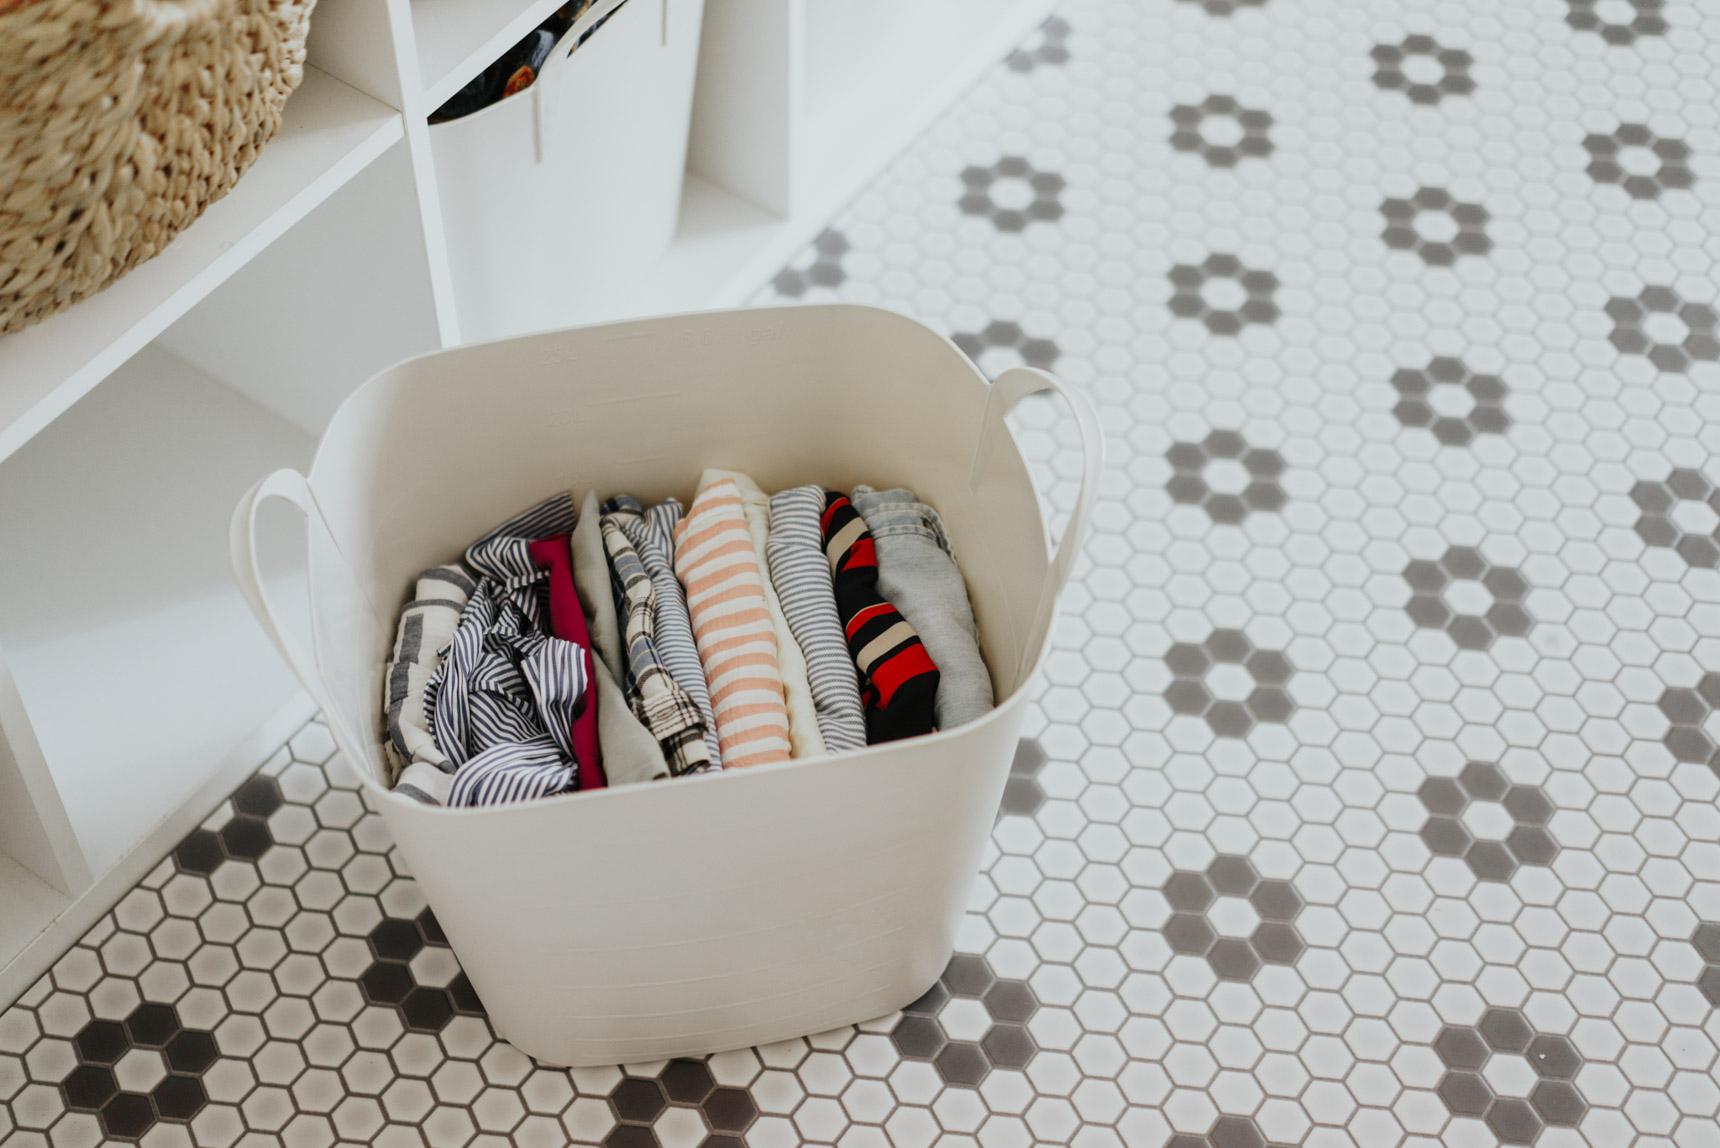 かごの中には洋服がきっちり畳んでしまわれています。これは、かなりの収納力がありそうですね!